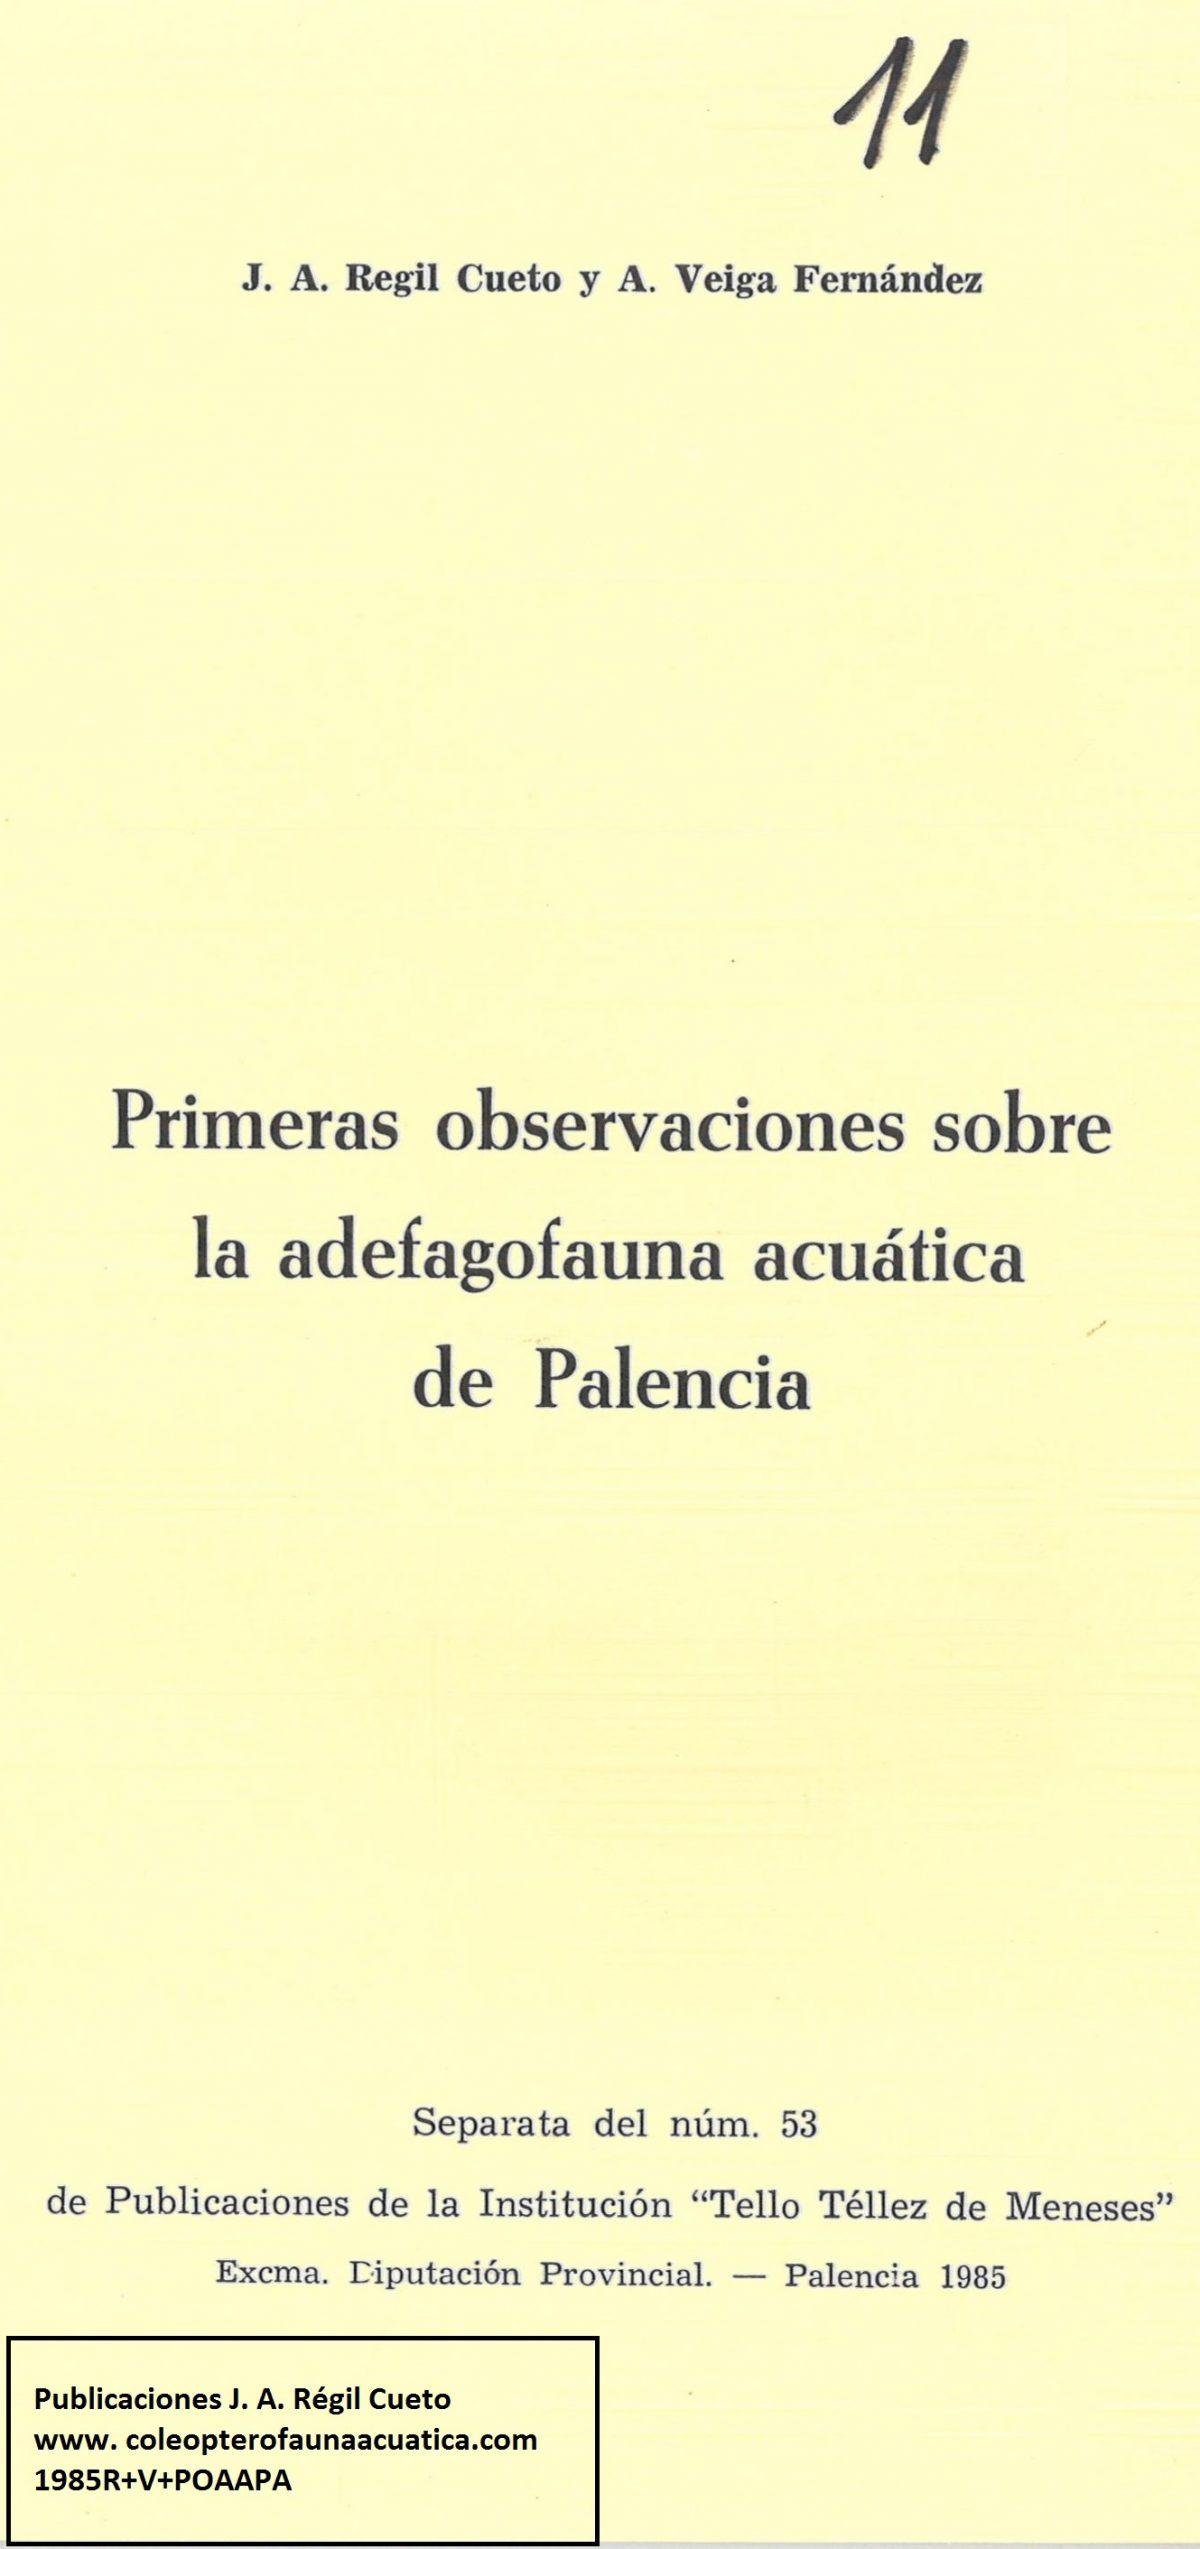 [1985R+V+POAAPA] «Primeras observaciones sobre la adefagofauna acuática de Palencia»